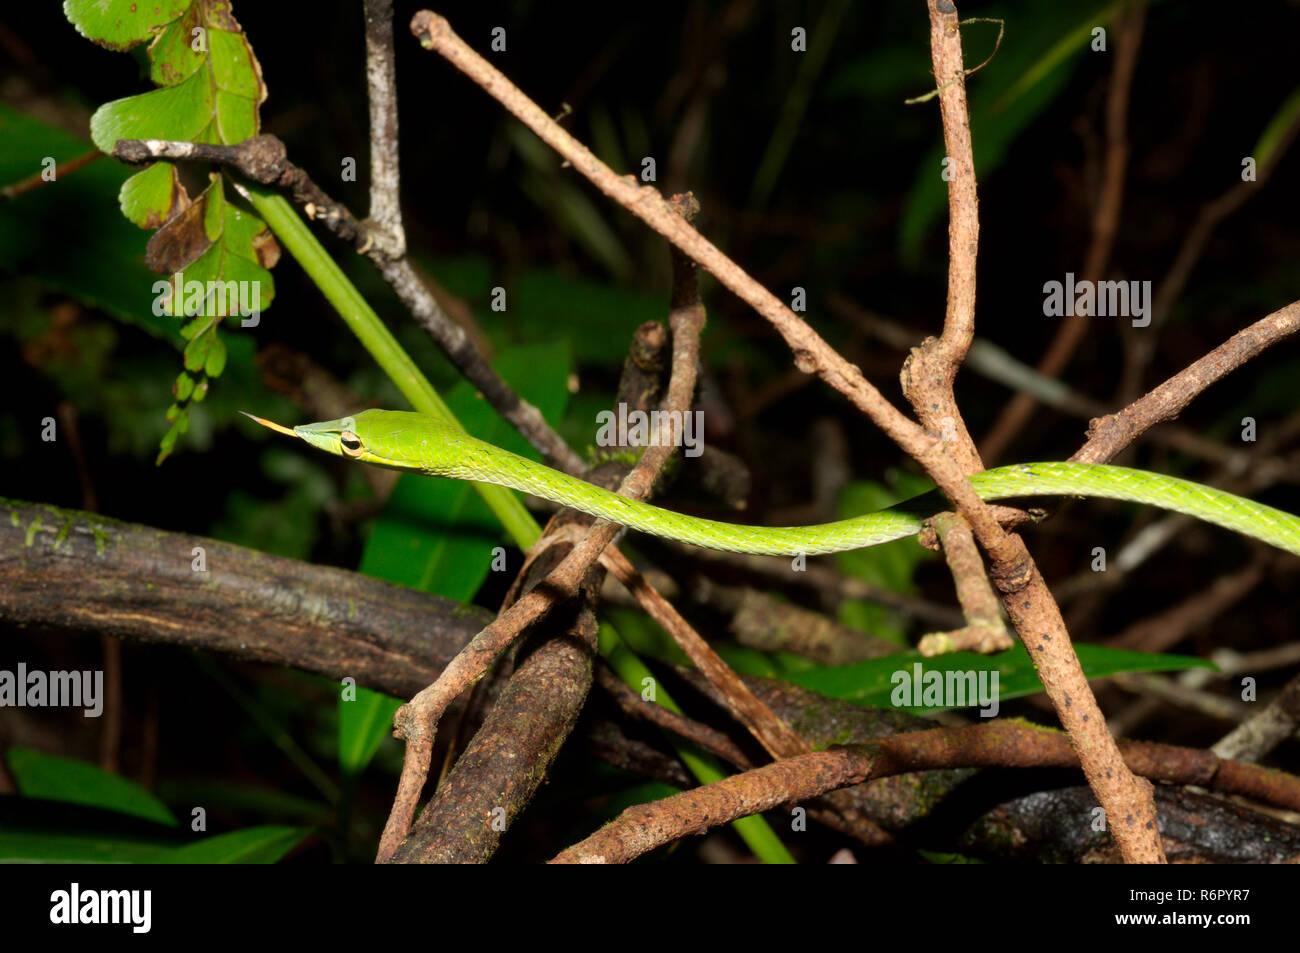 Long-nosed Tree Snake, Green vine snake, Long-nosed Whip Snake or Asian vine snake (Ahaetulla nasuta) Sinharaja Forest Reserve, national park, Sinhara Stock Photo